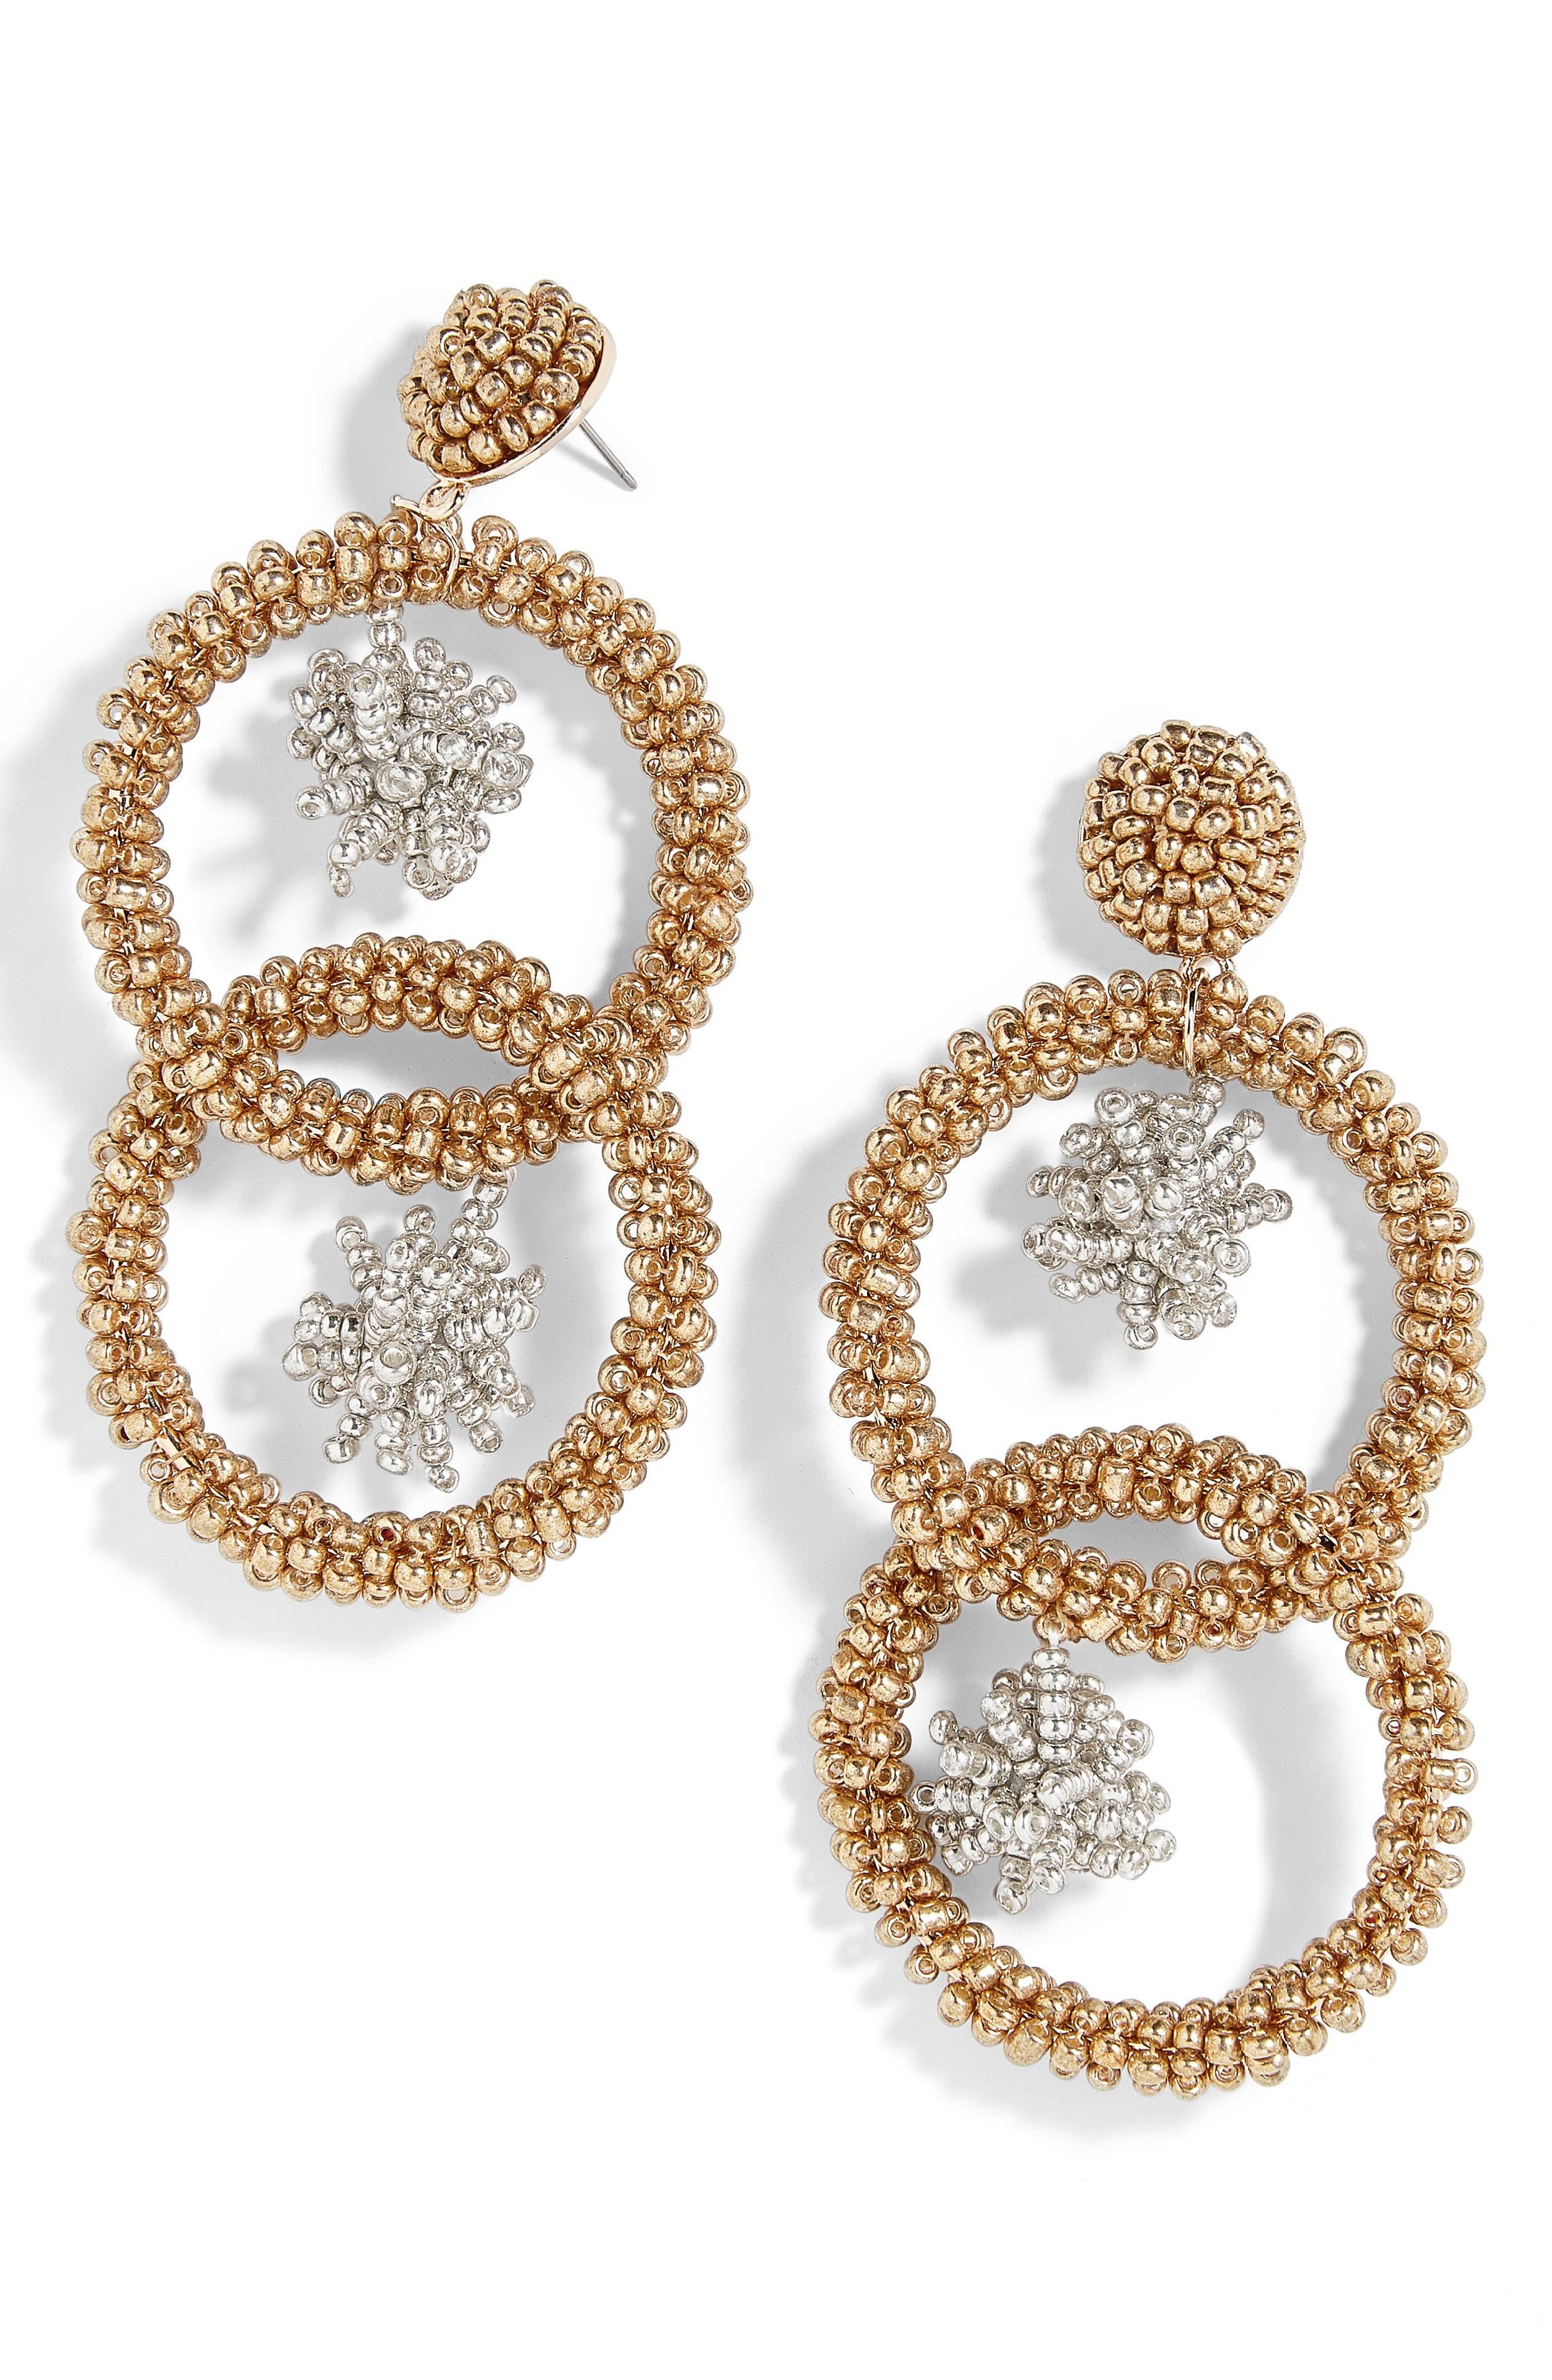 Miyana Beaded Hoop Drop Earrings,                             Main thumbnail 1, color,                             710